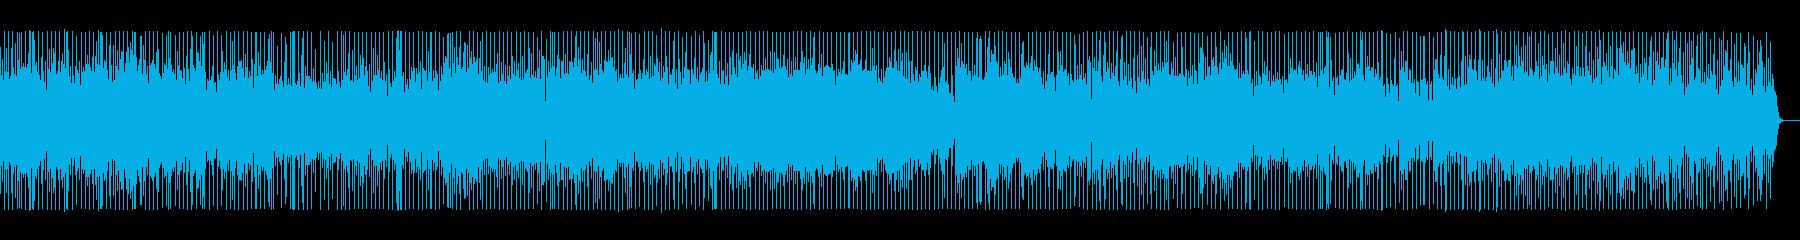 ハウスミュージック基調のシンセポップの再生済みの波形